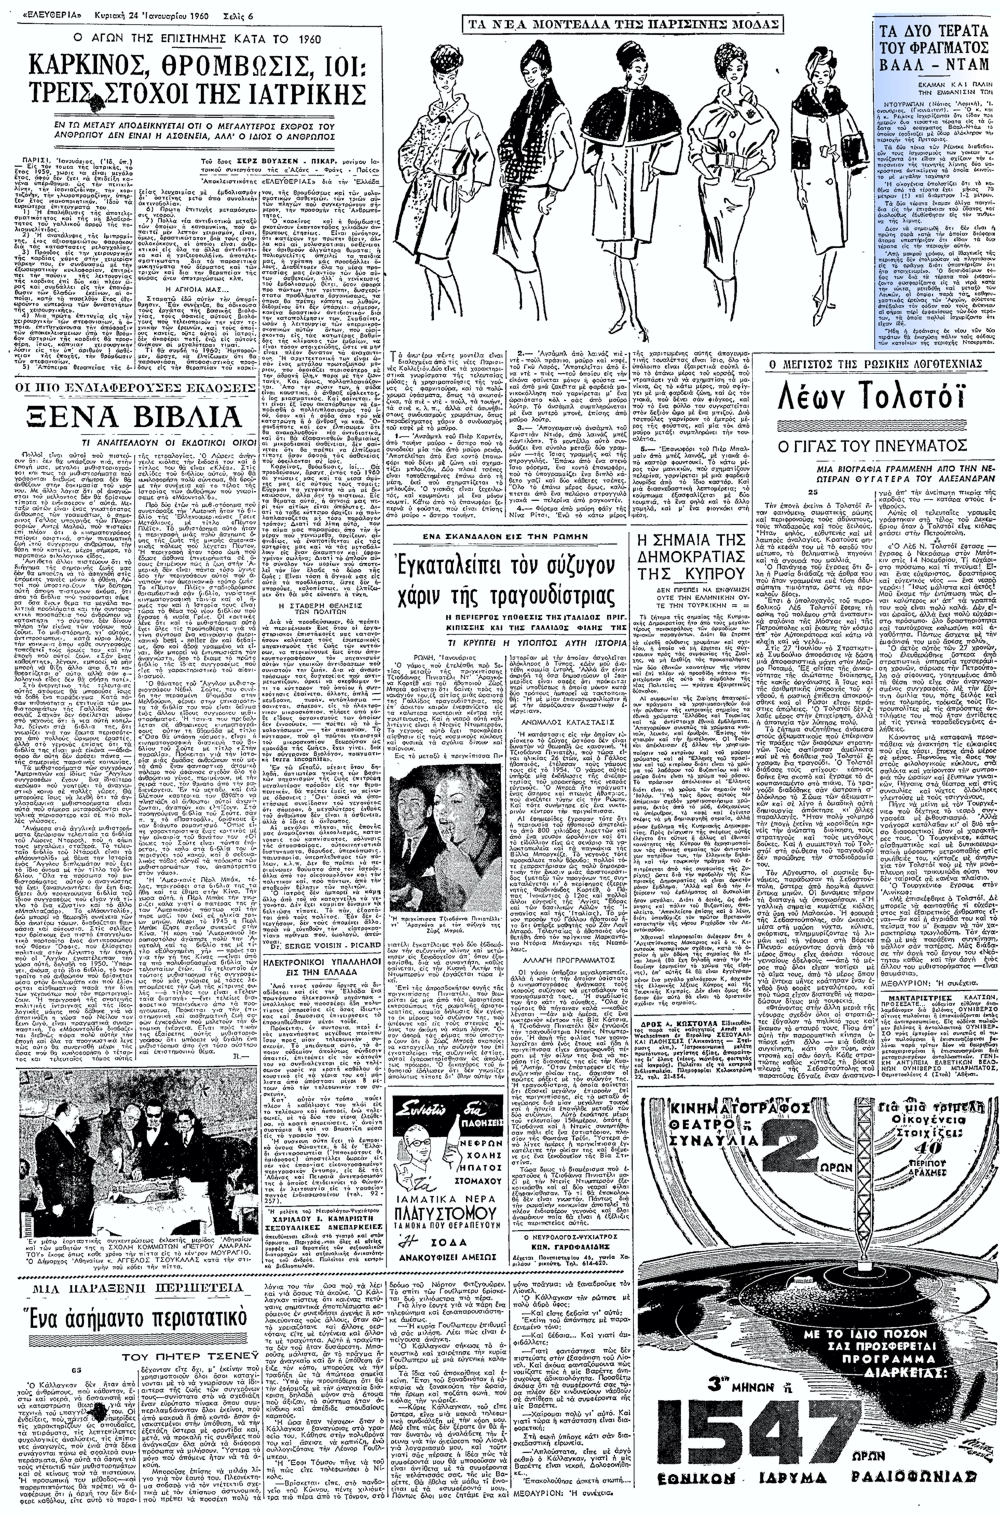 """Το άρθρο, όπως δημοσιεύθηκε στην εφημερίδα """"ΕΛΕΥΘΕΡΙΑ"""", στις 24/01/1960"""